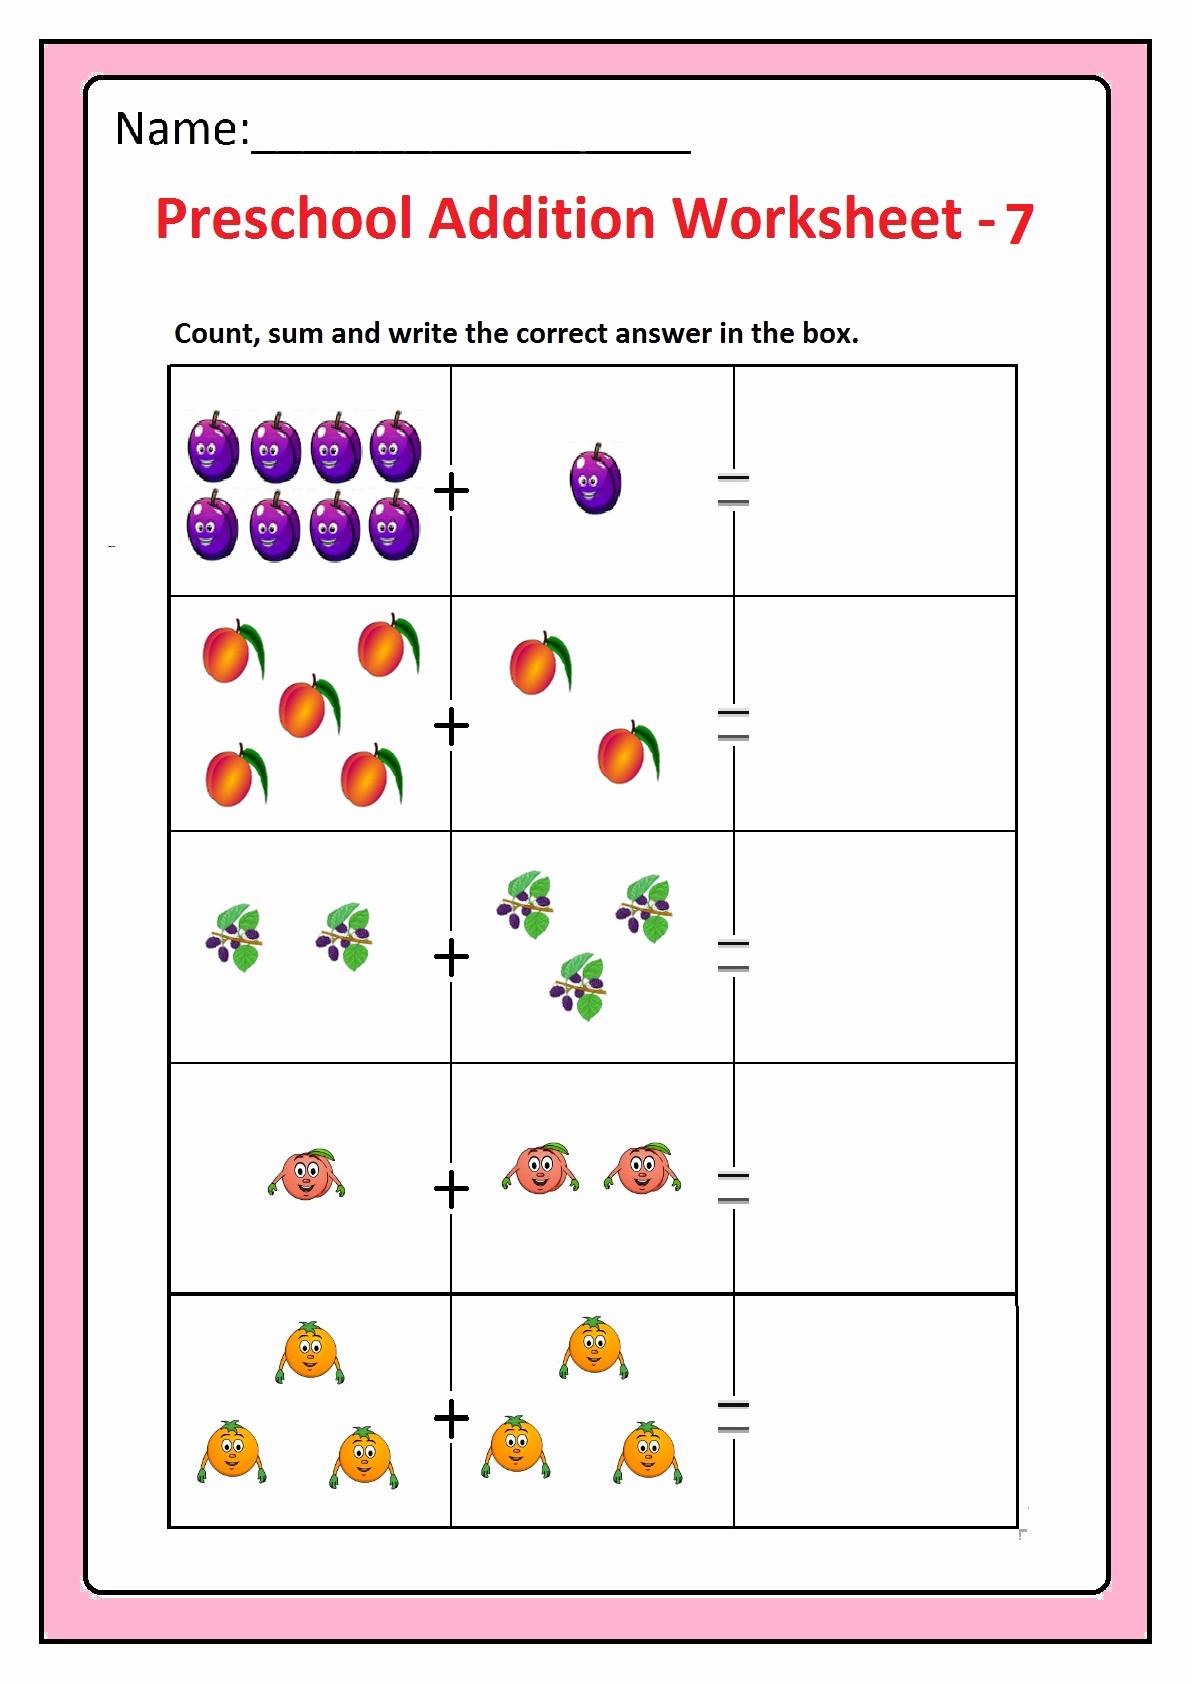 Simple Addition Worksheets for Kindergarten Elegant Preschool Basic Addition Worksheets Free Printable